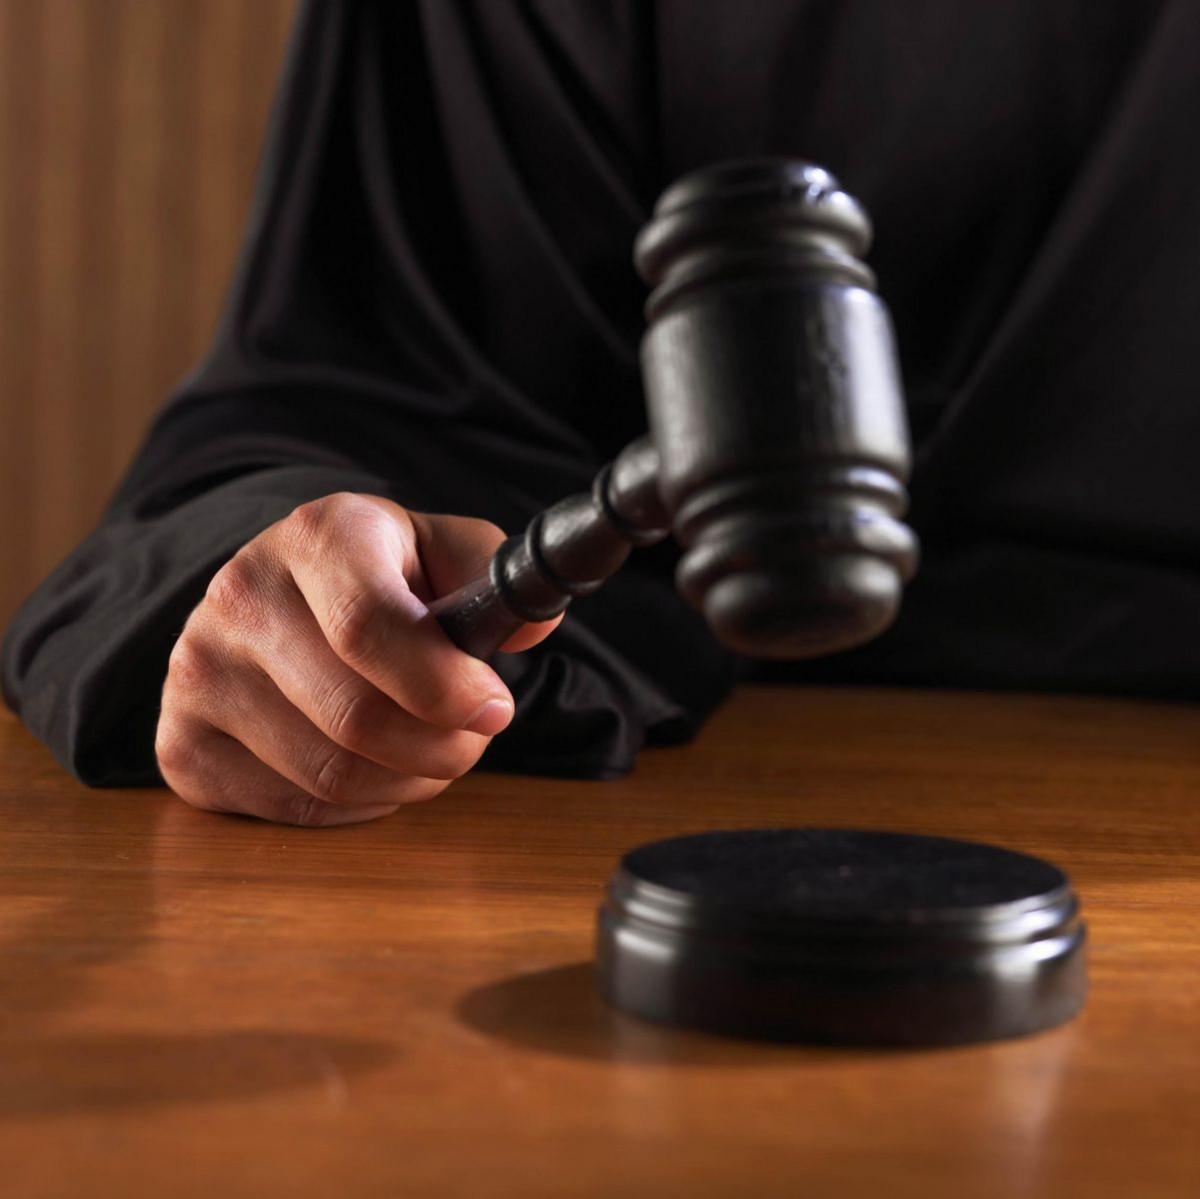 Прокопчанин оформил страховую пенсию по инвалидности с нарушениями и попал под суд